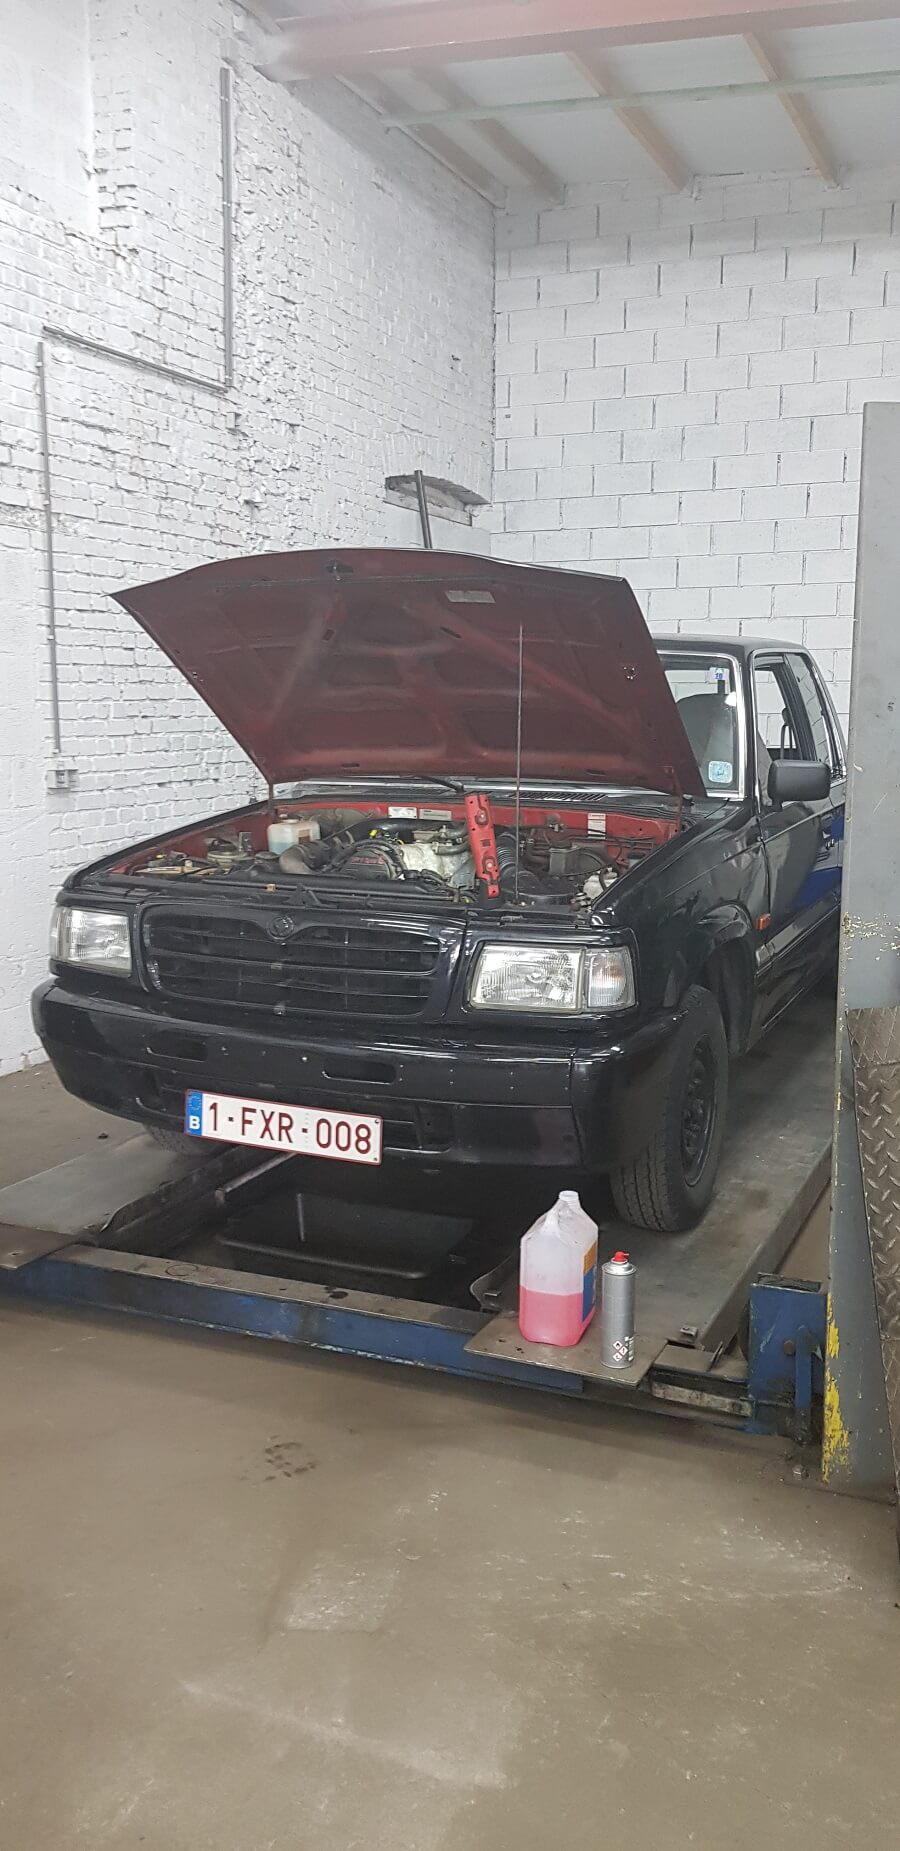 A.J.auto